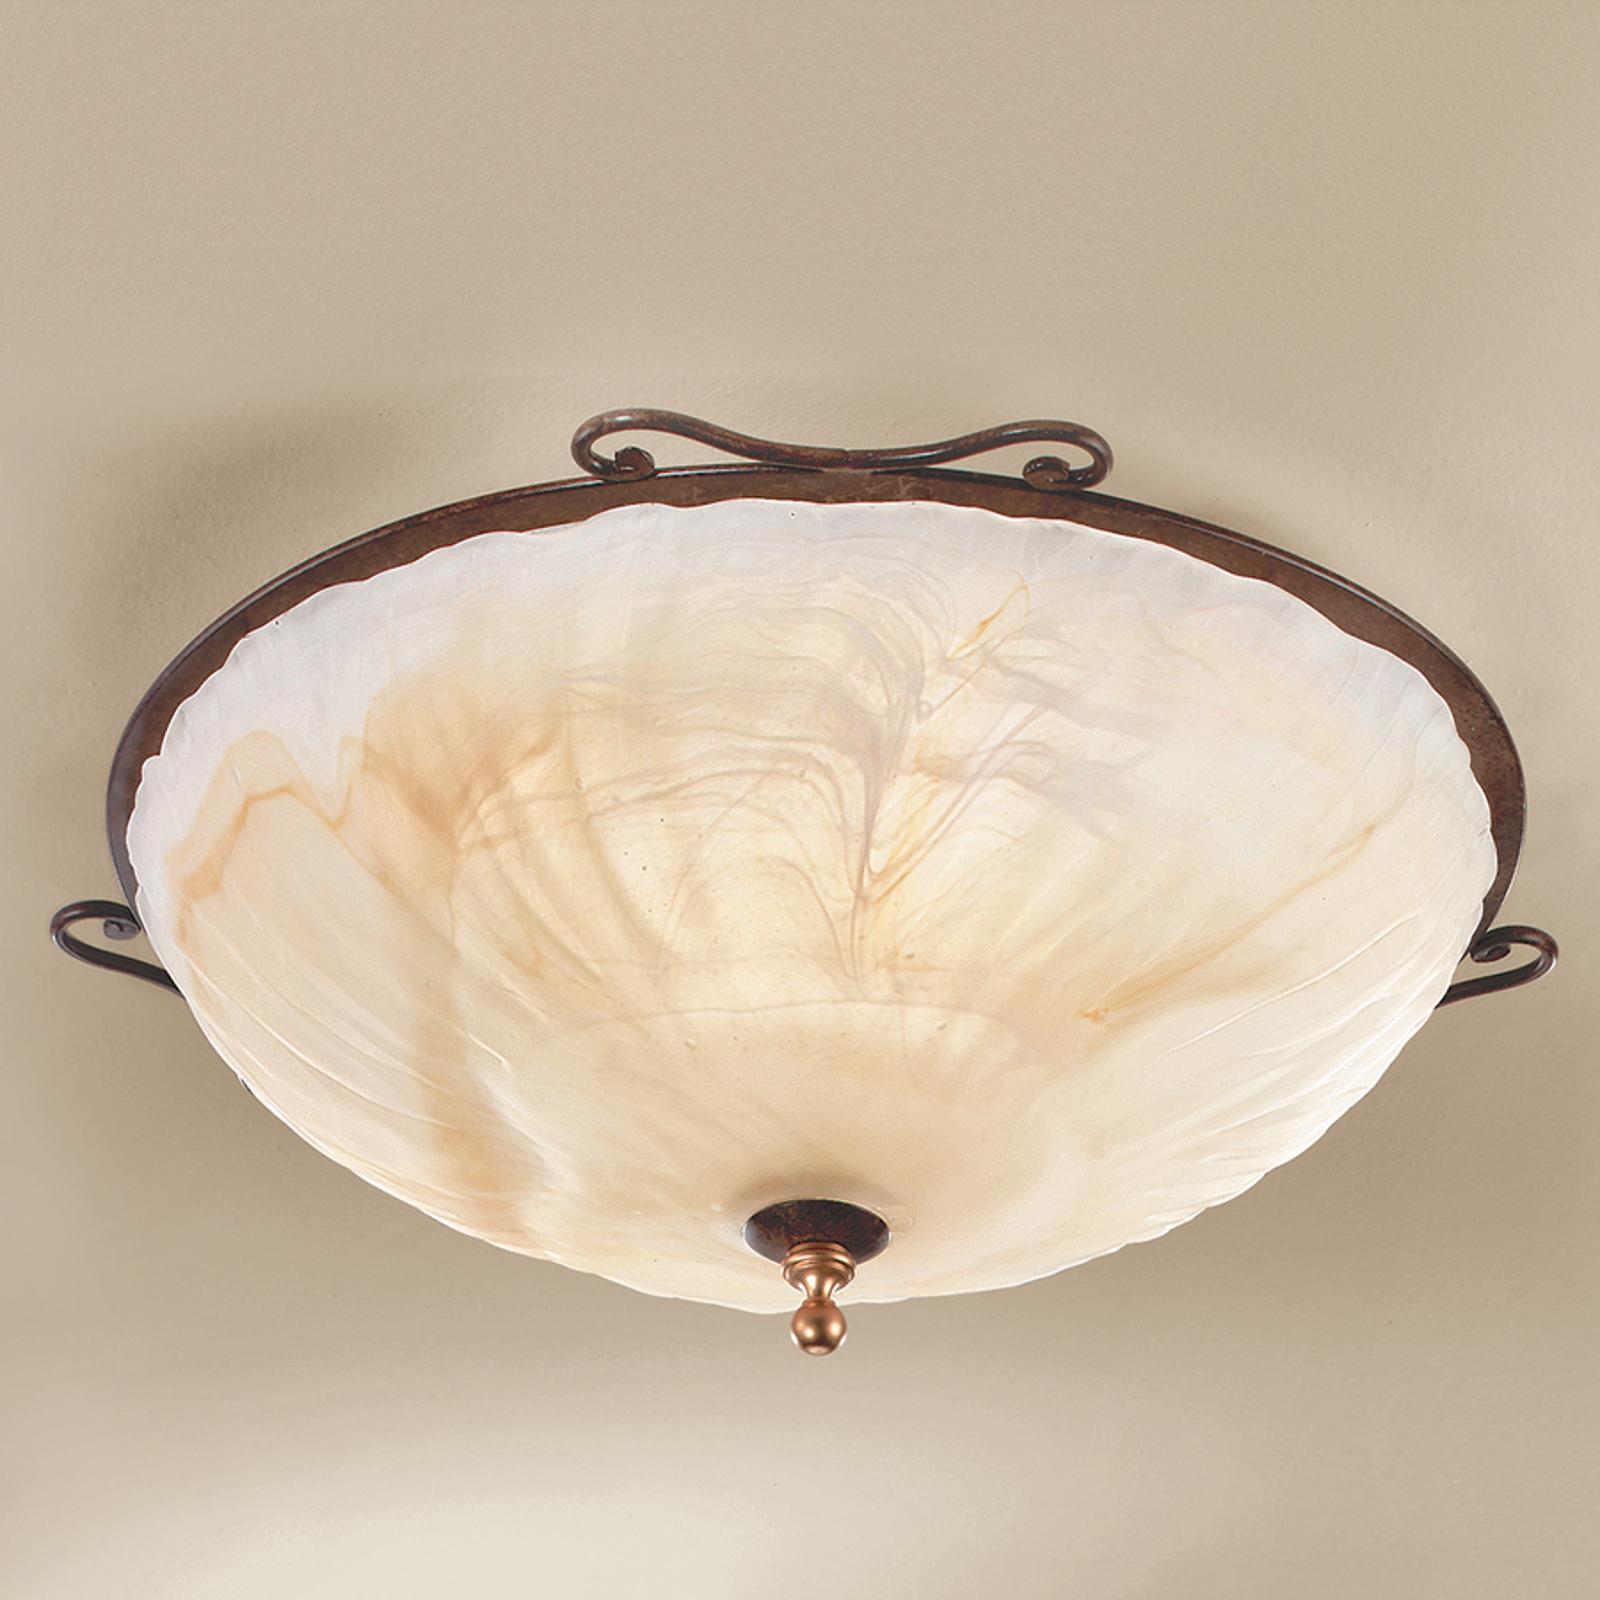 Wykonanie w antycznym stylu - lampa sufit. Armelle